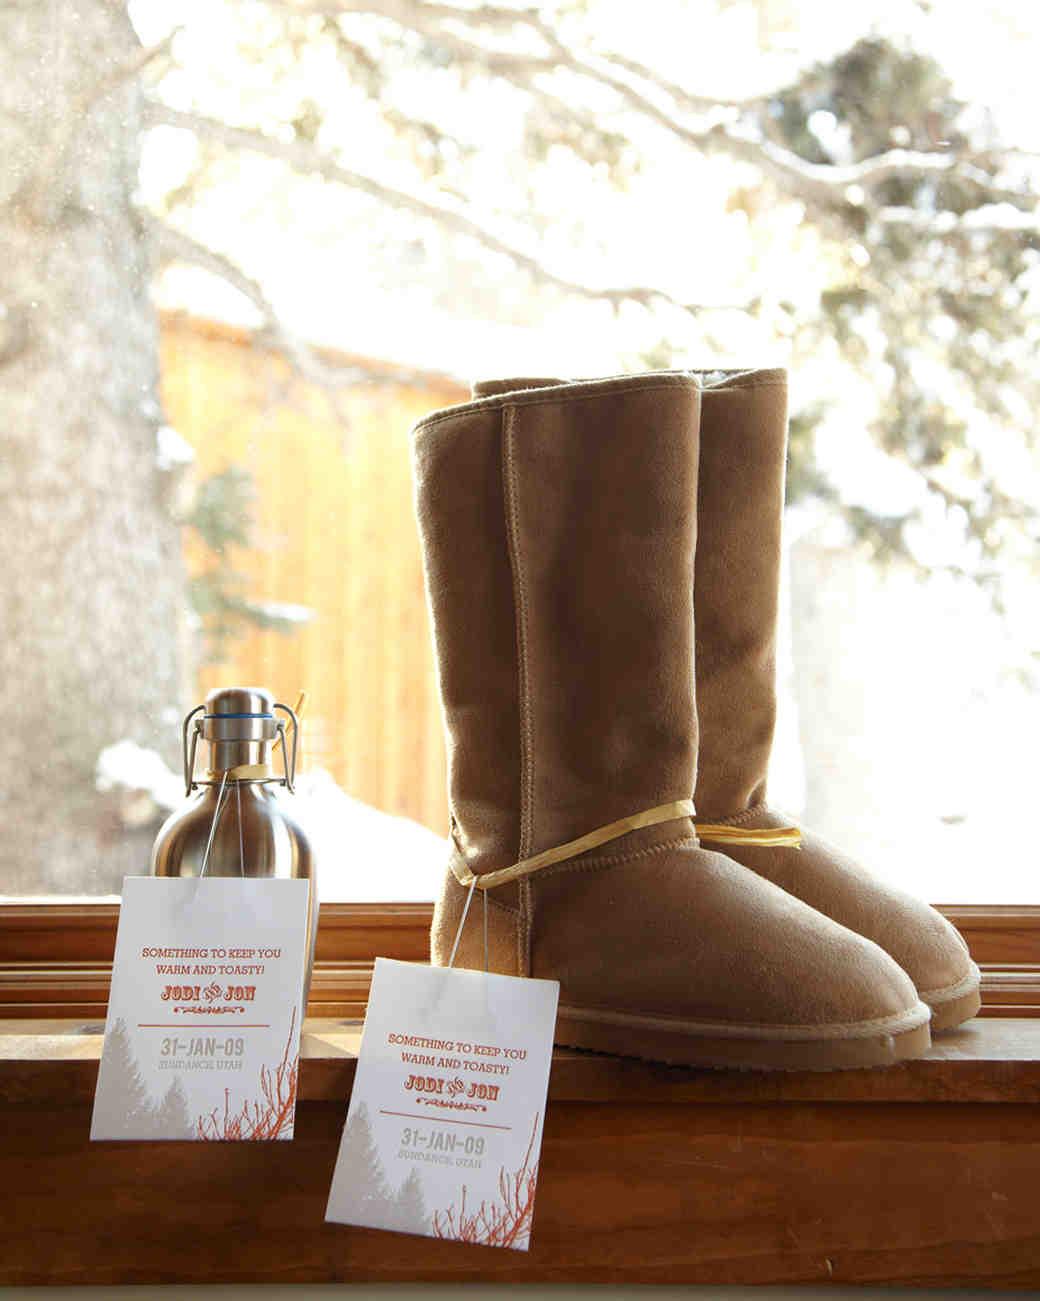 Winter Wedding Favor Ideas Pinterest : 24 Unique Winter Wedding Favor Ideas Martha Stewart Weddings